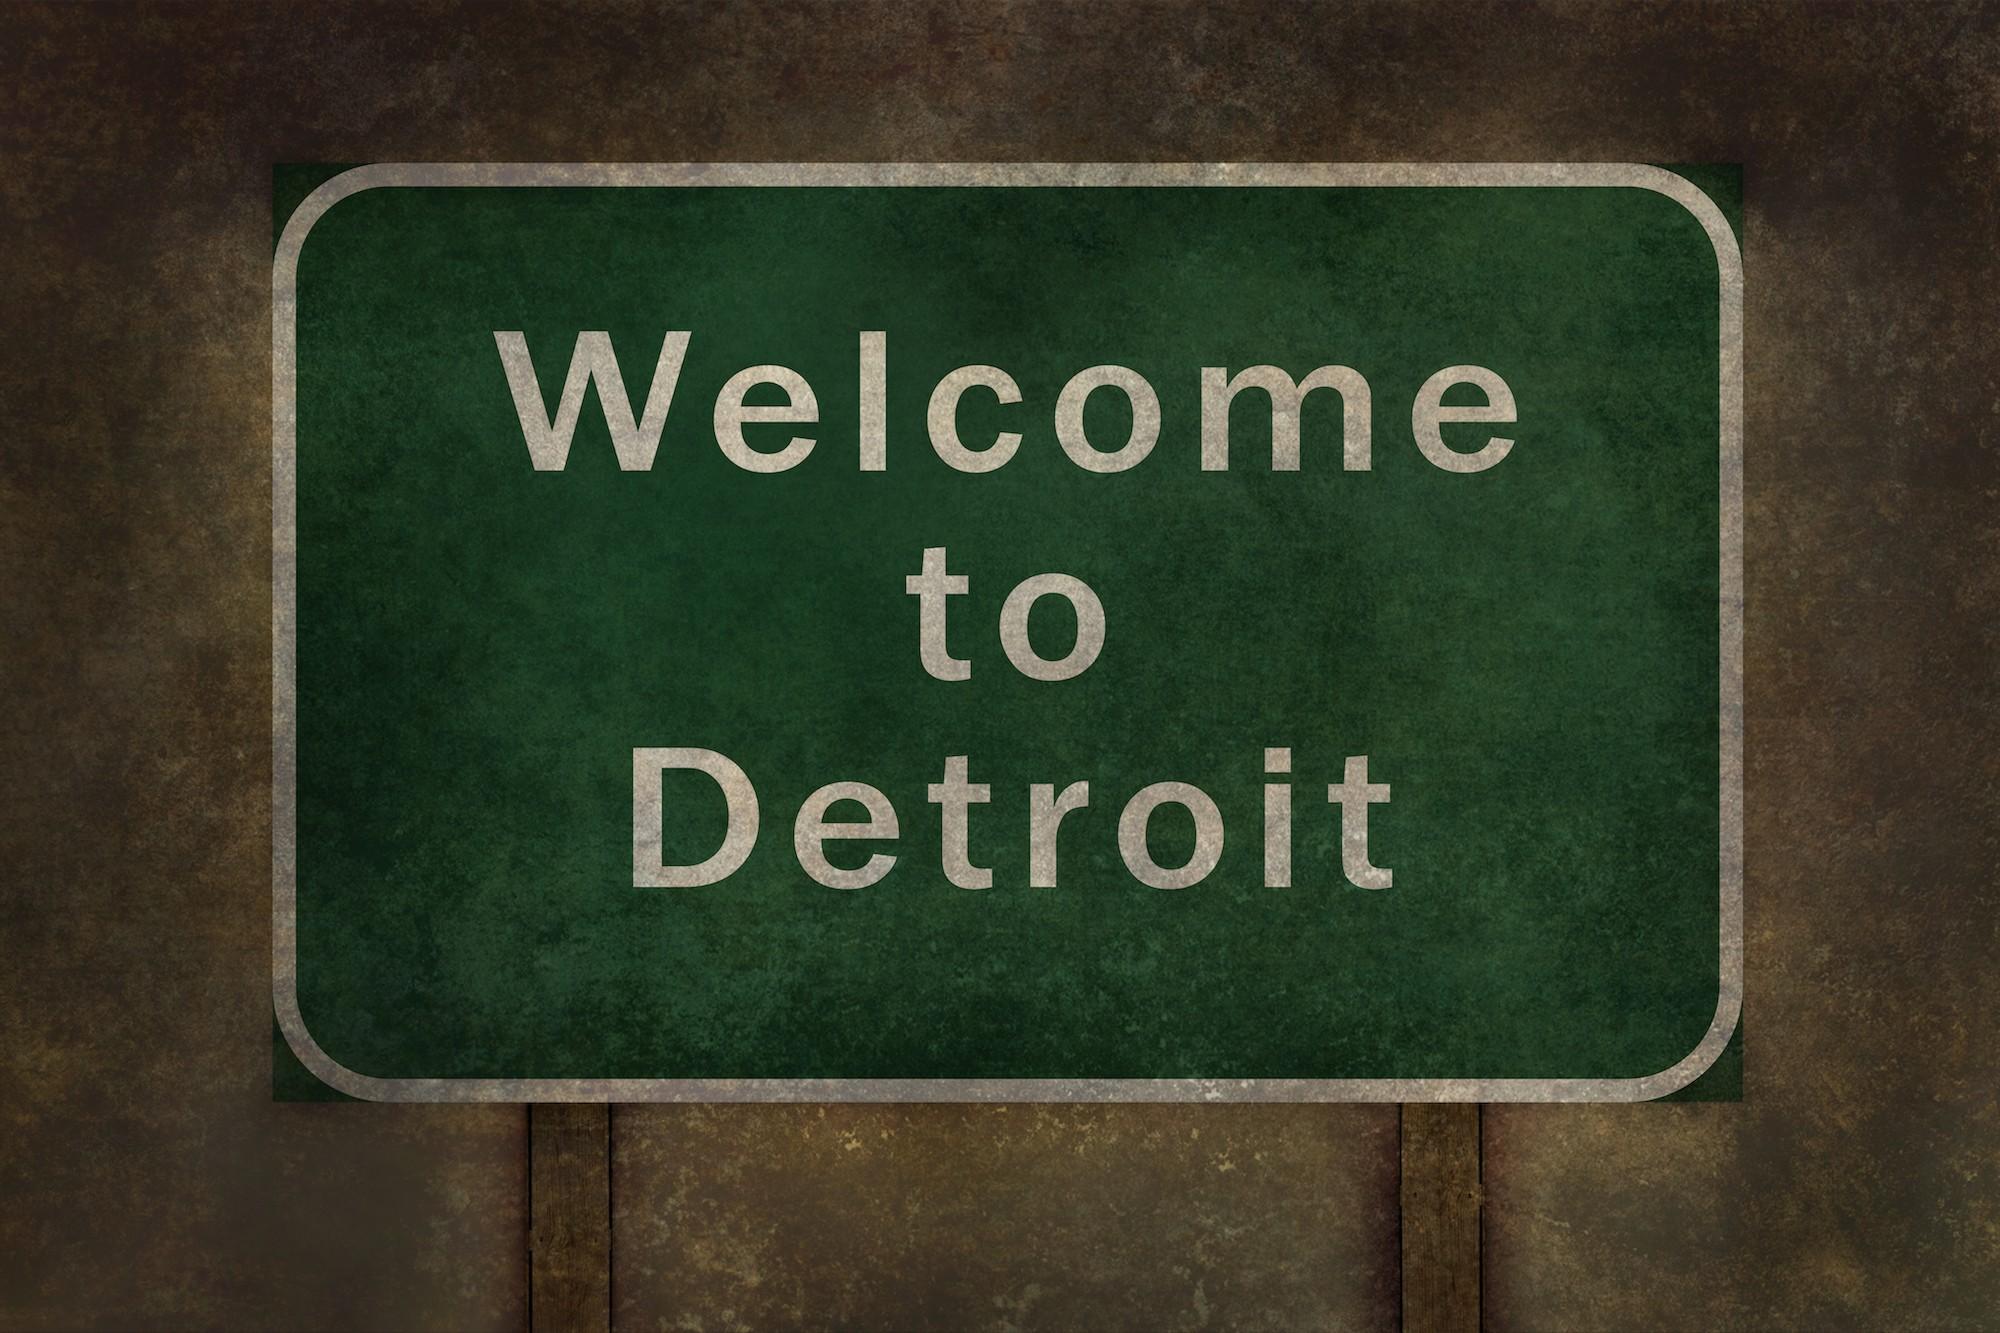 U M Professor Breaks Down Detroit S Racist History In New